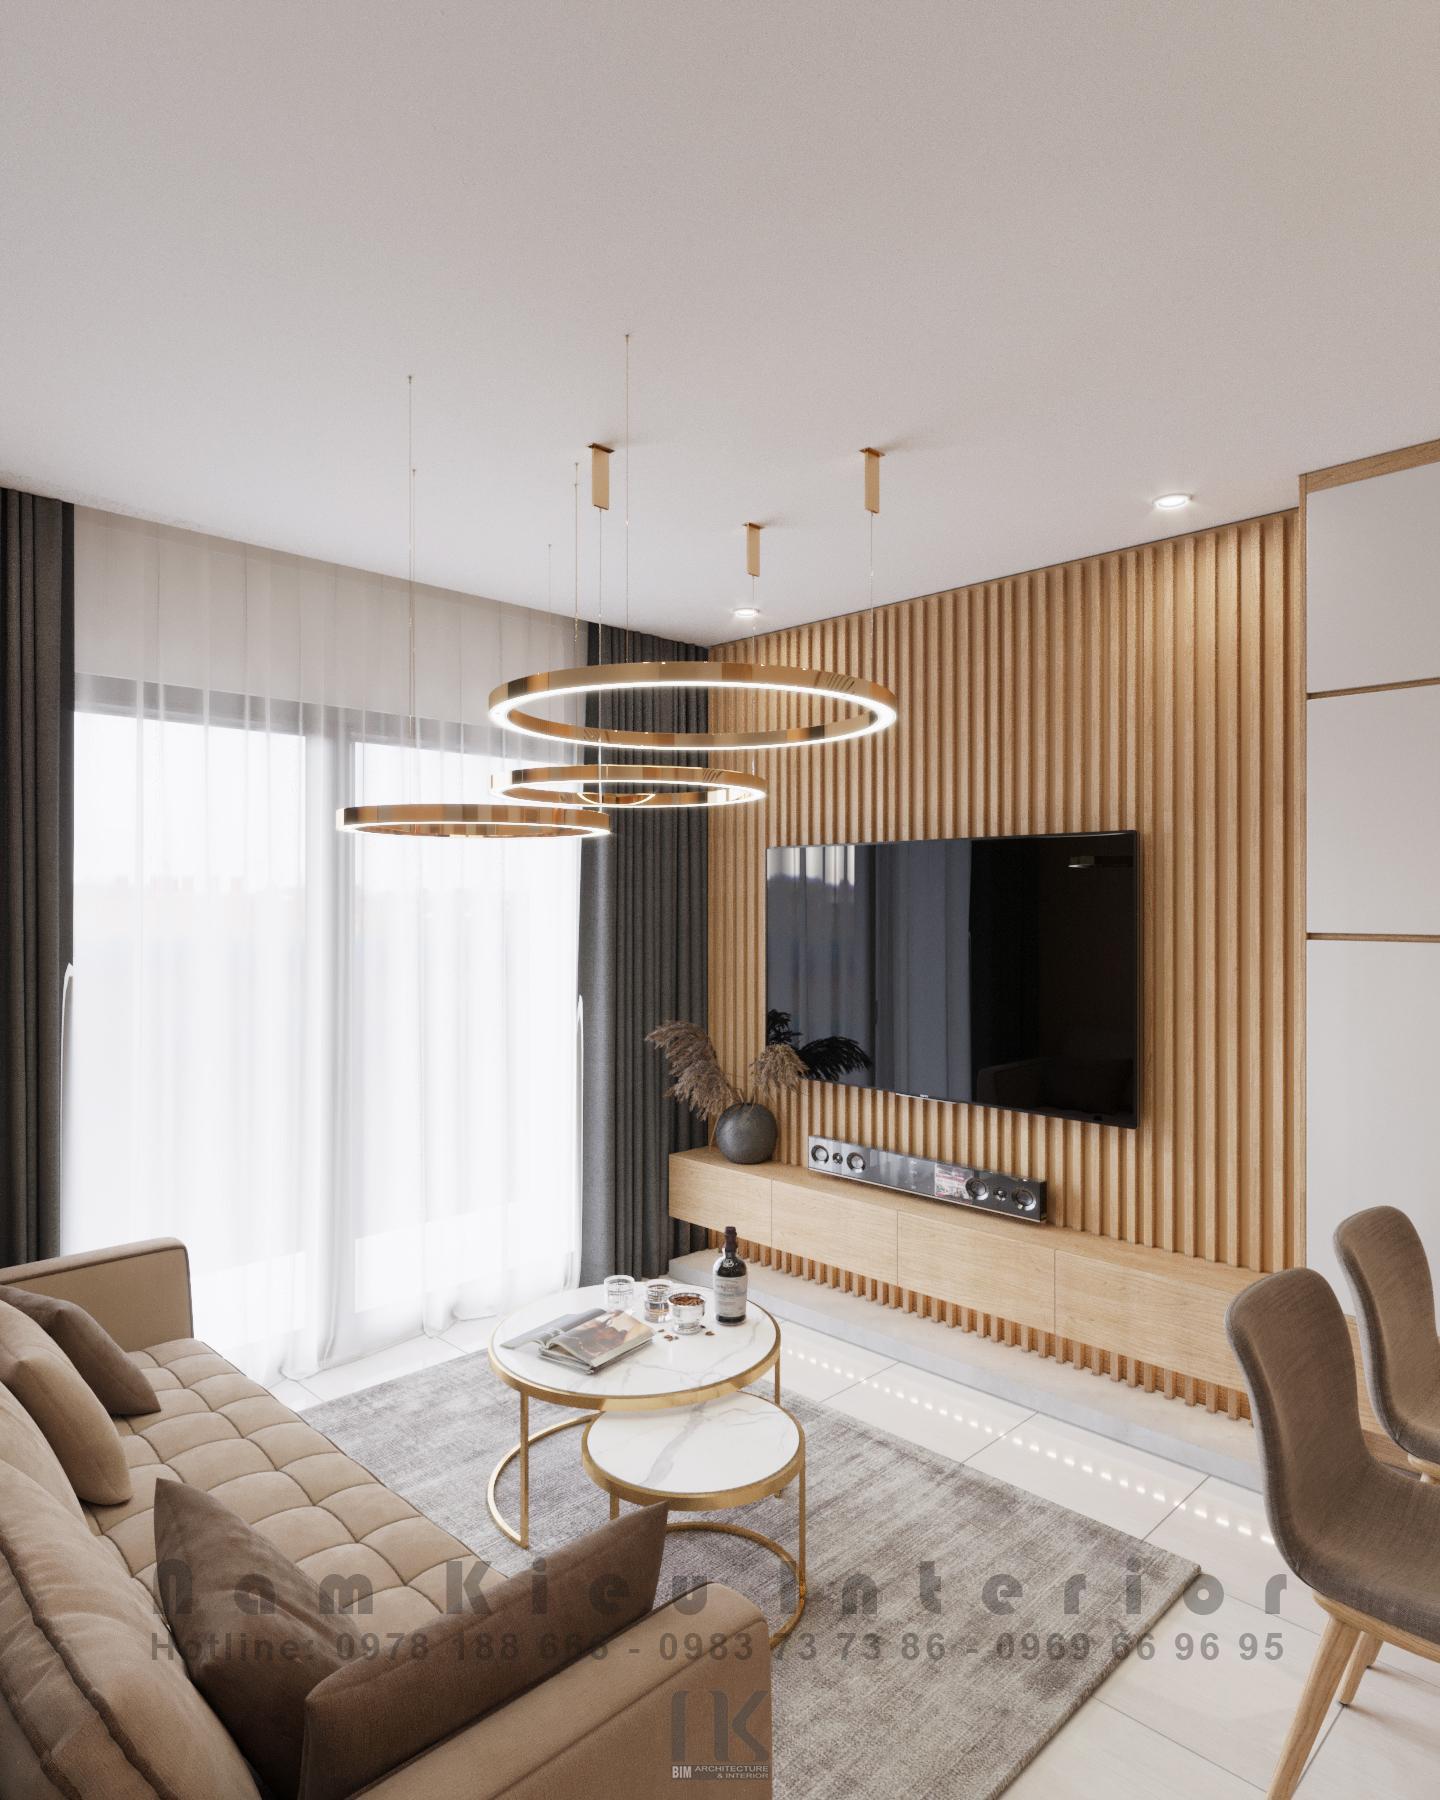 Thiết kế nội thất Chung Cư tại Hà Nội Căn hộ 2PN tại chung cư Vinhomes Smart City 1590635776 3